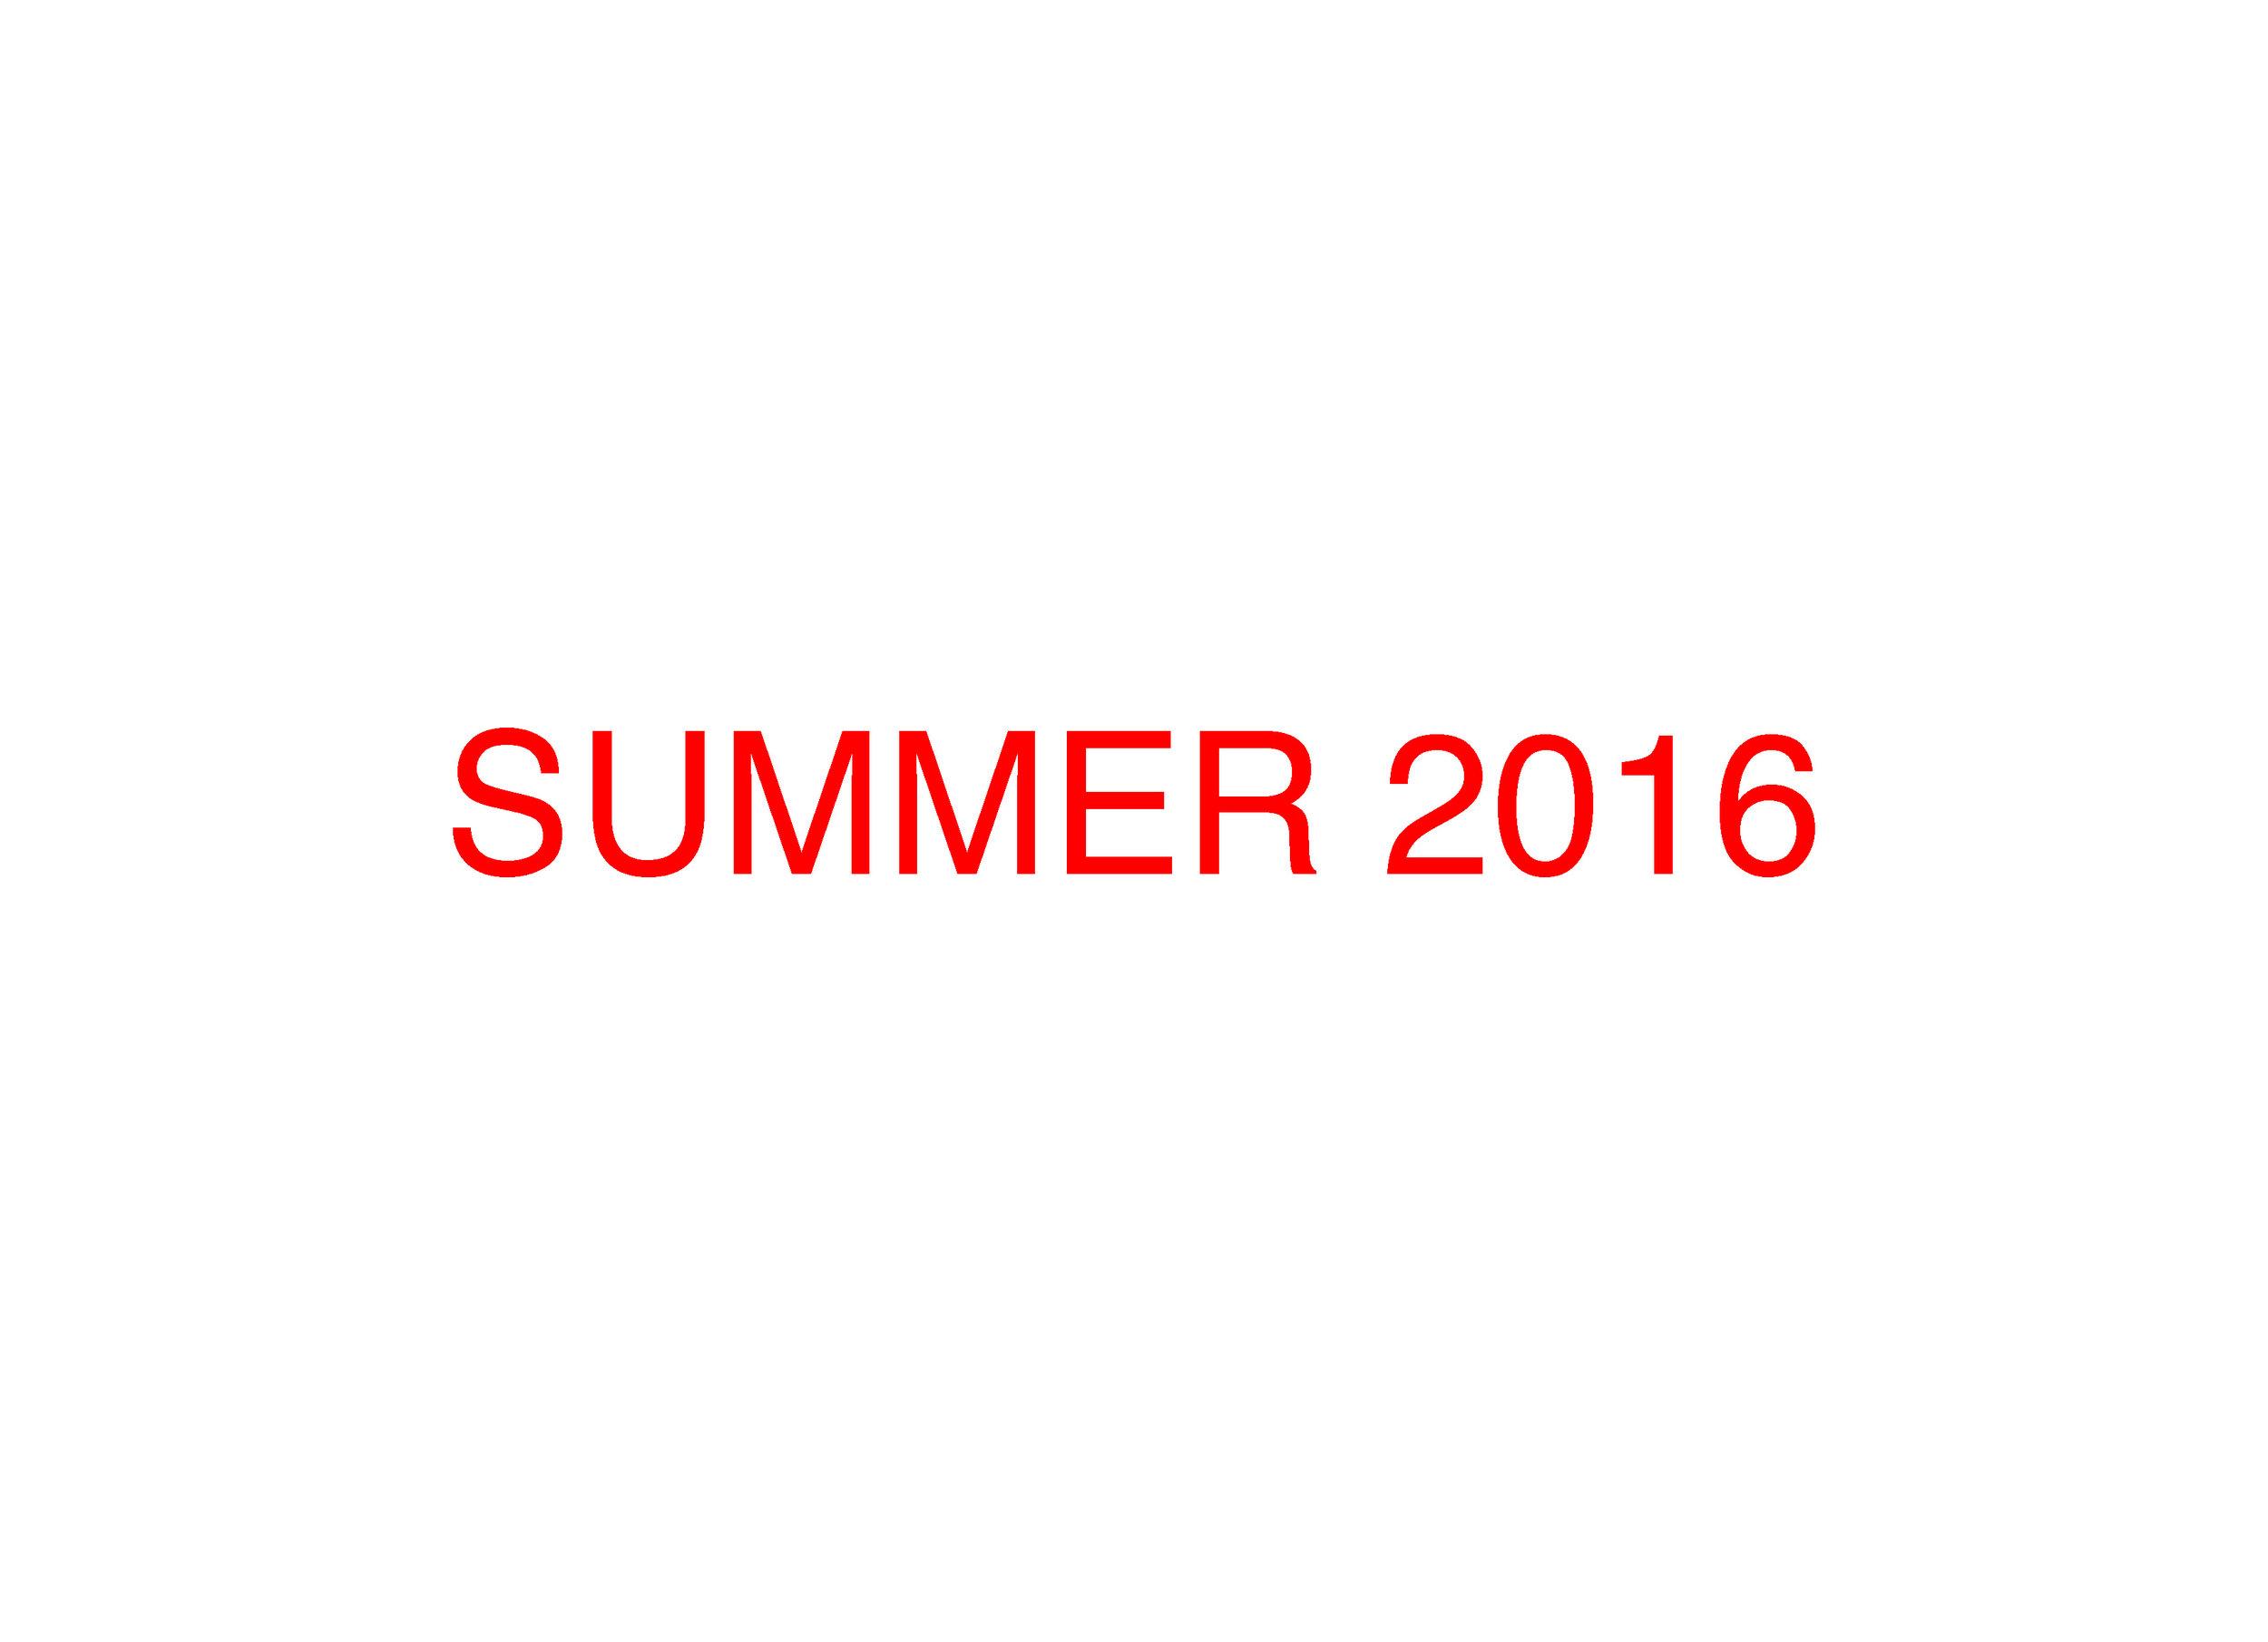 SUMMER 2016.jpg